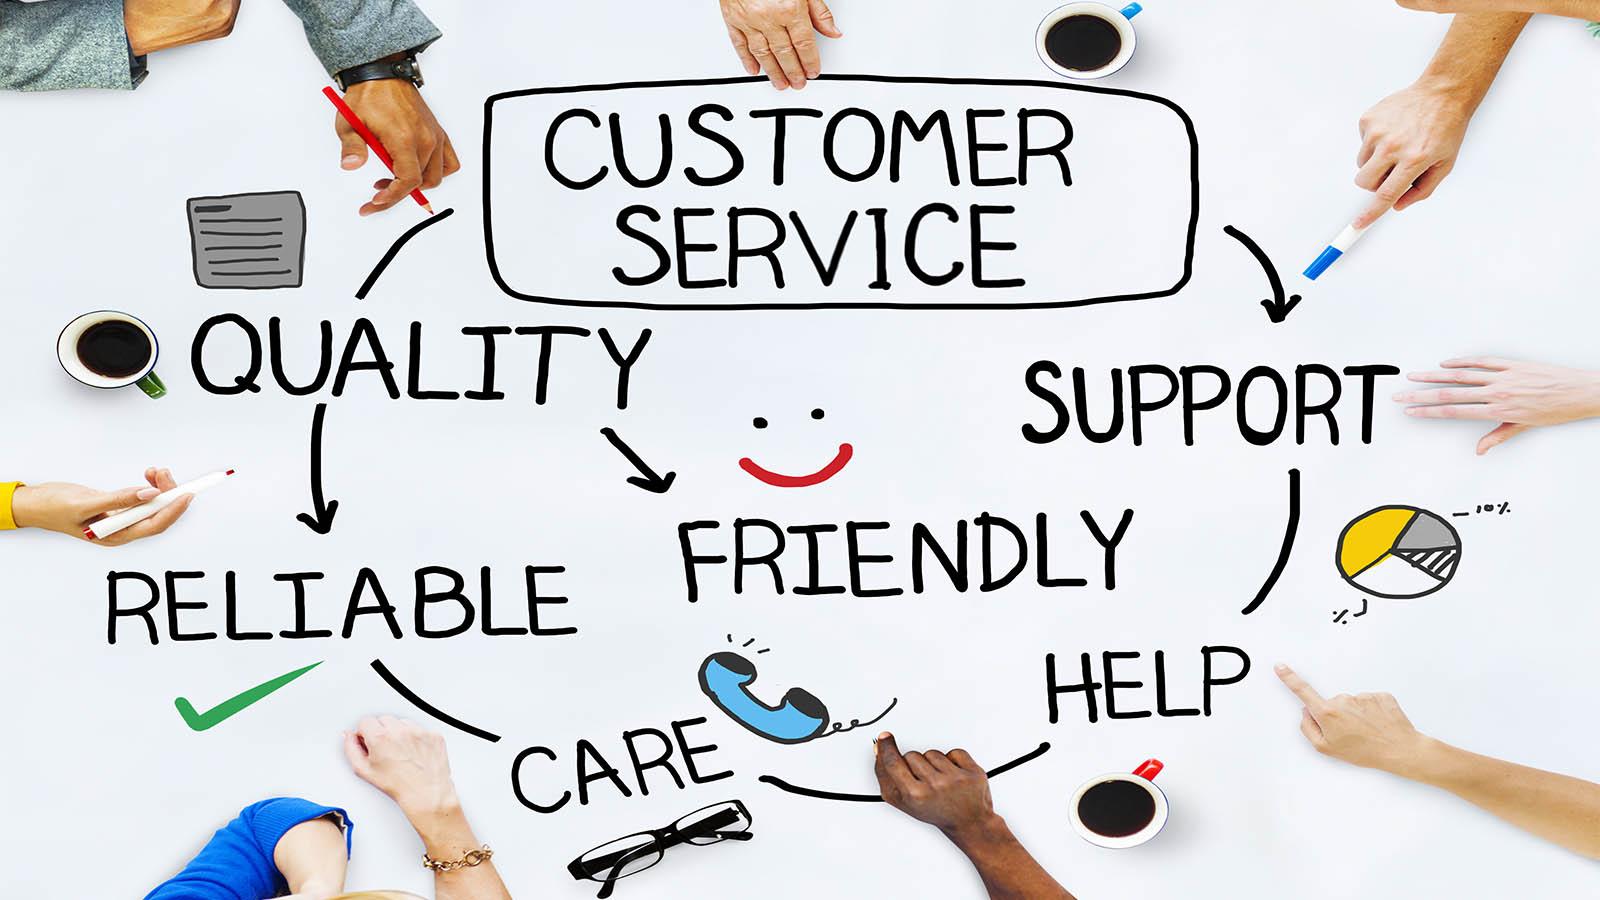 Tương tác với khách hàng hiệu quả bằng cách nào?